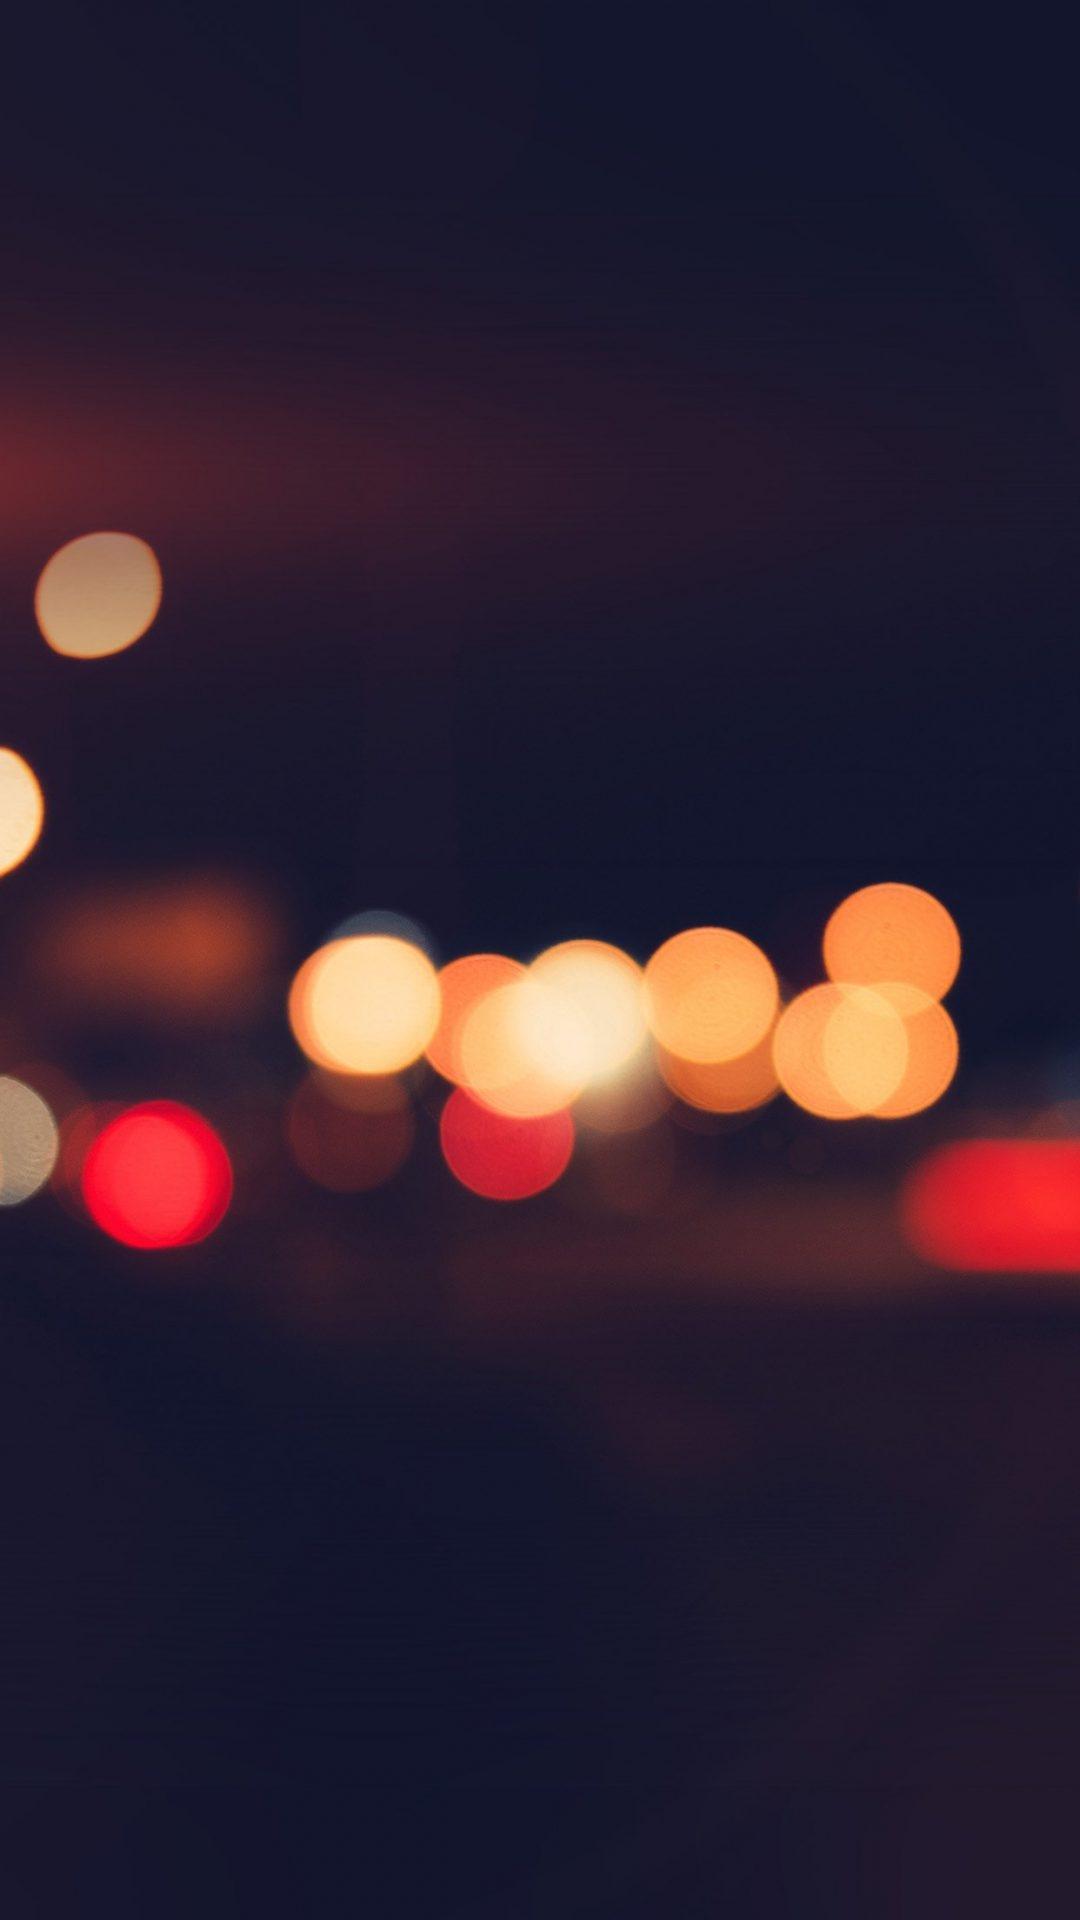 Light iPhone hd wallpaper